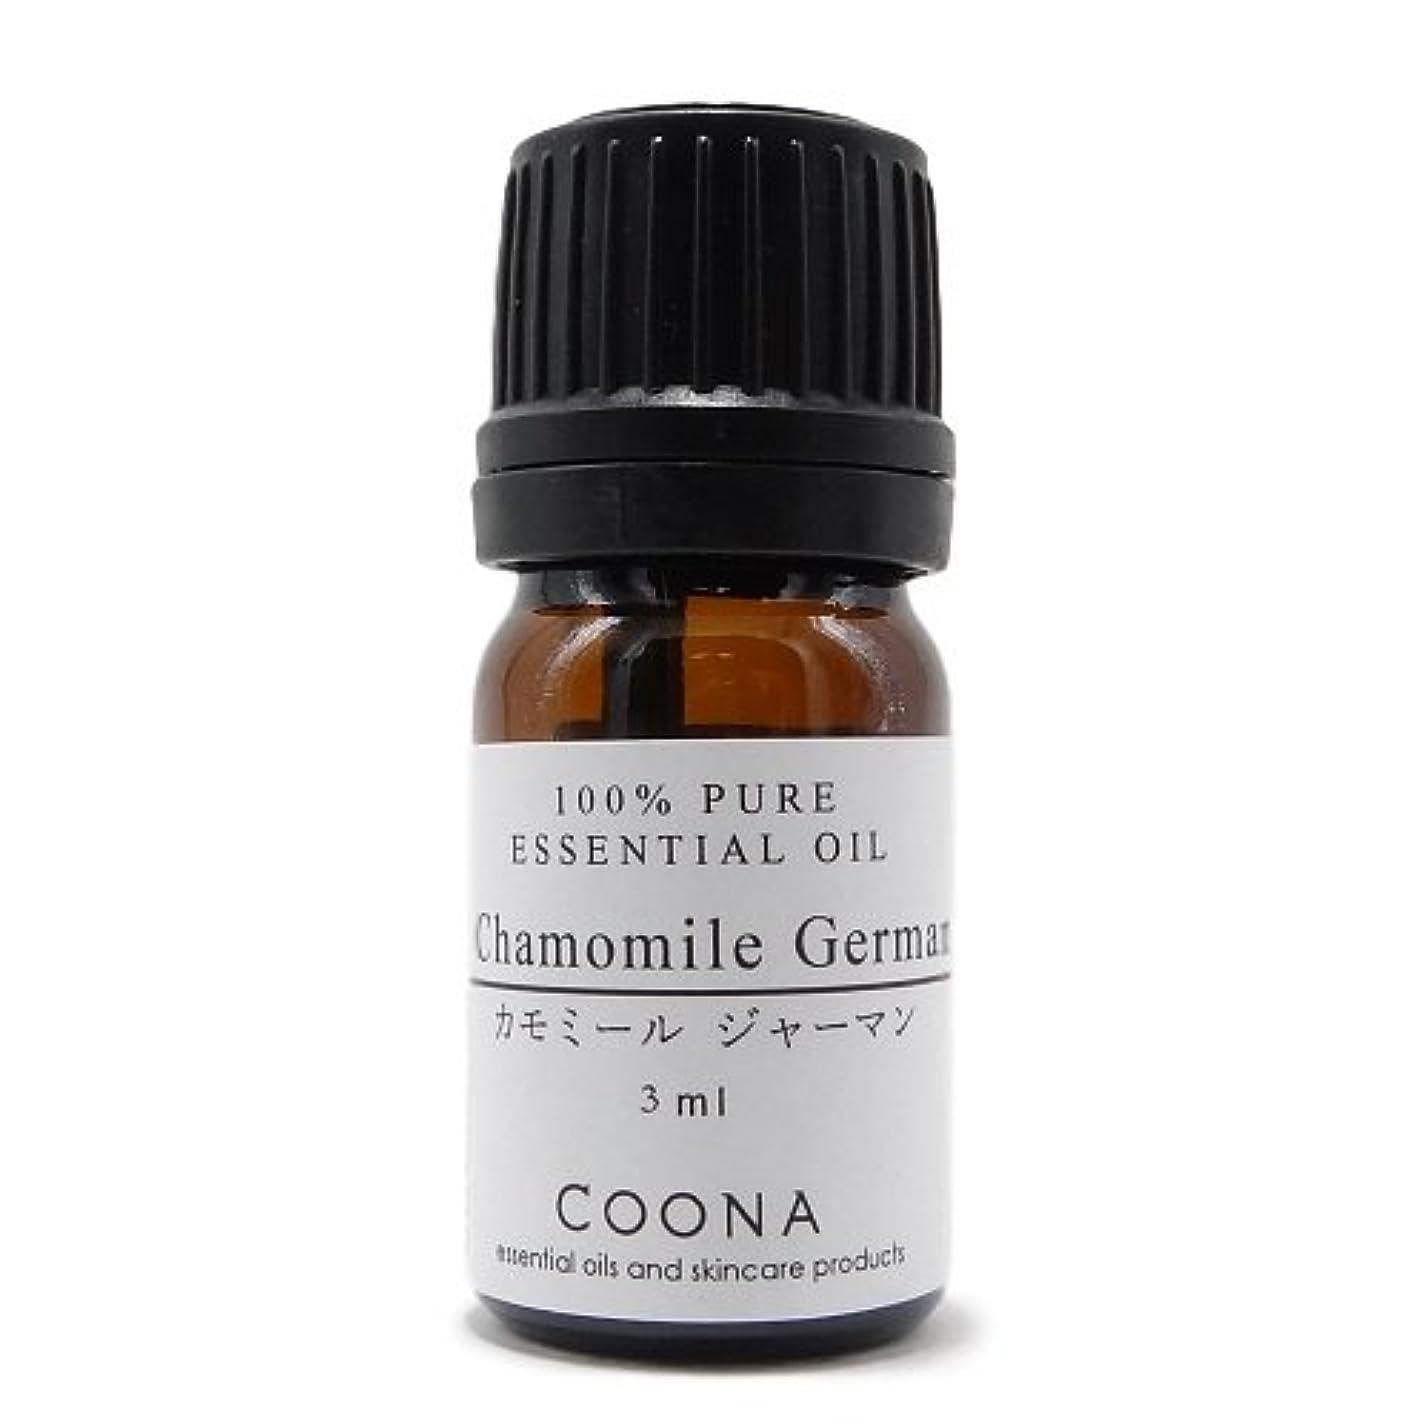 の配列輝度閉塞カモミール ジャーマン 3 ml (COONA エッセンシャルオイル アロマオイル 100% 天然植物精油)